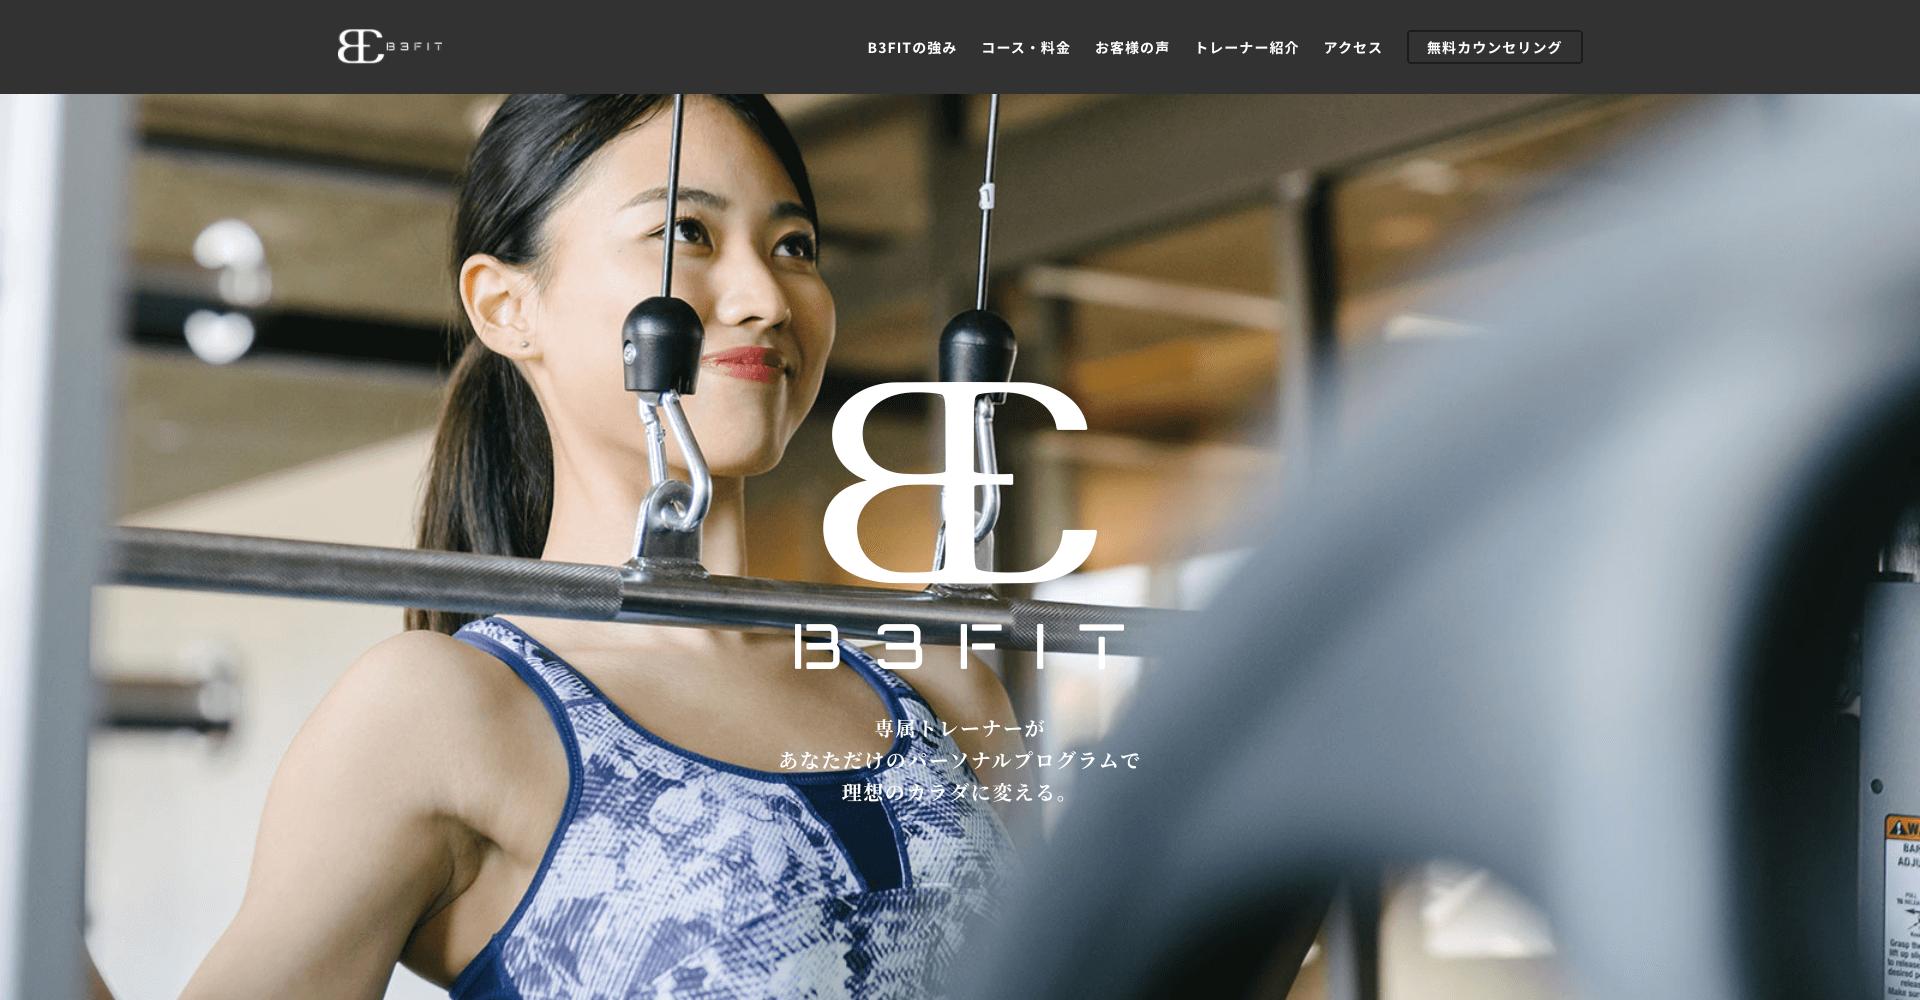 B3FIT(ビースリーフィット)甲府店